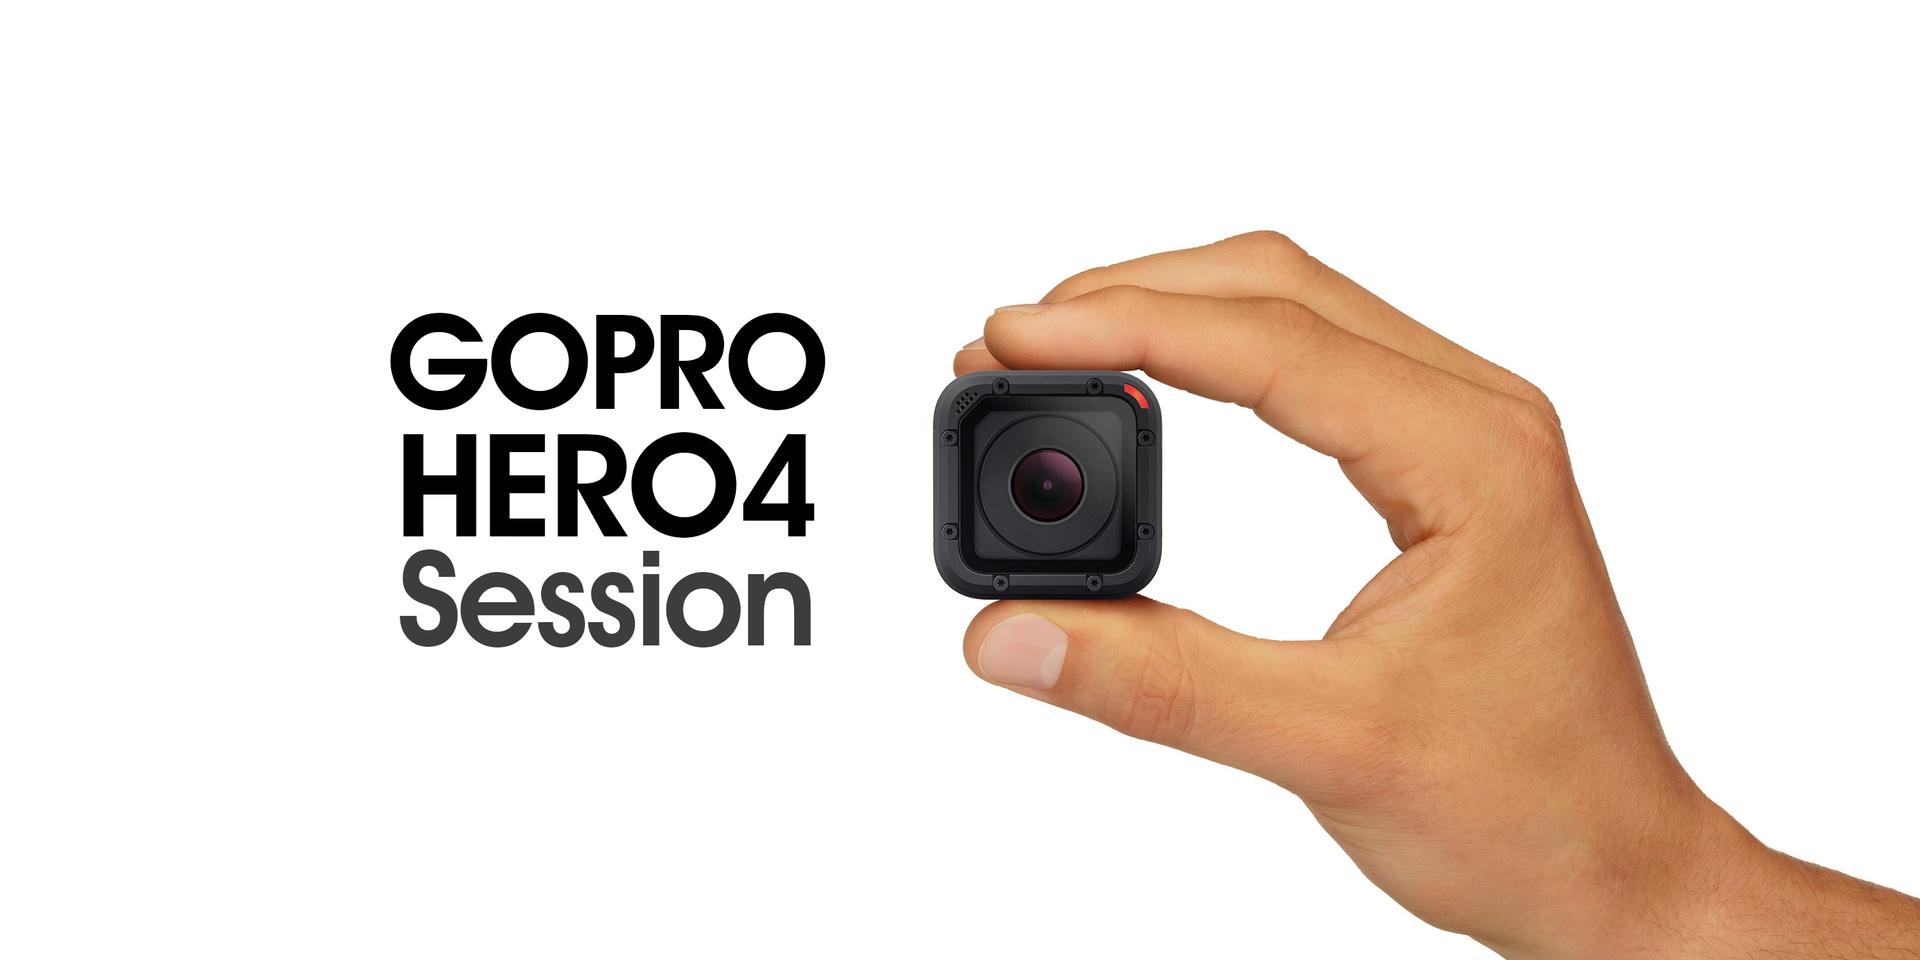 更輕更小,功能一樣強大。Hero4 Session迷你發表